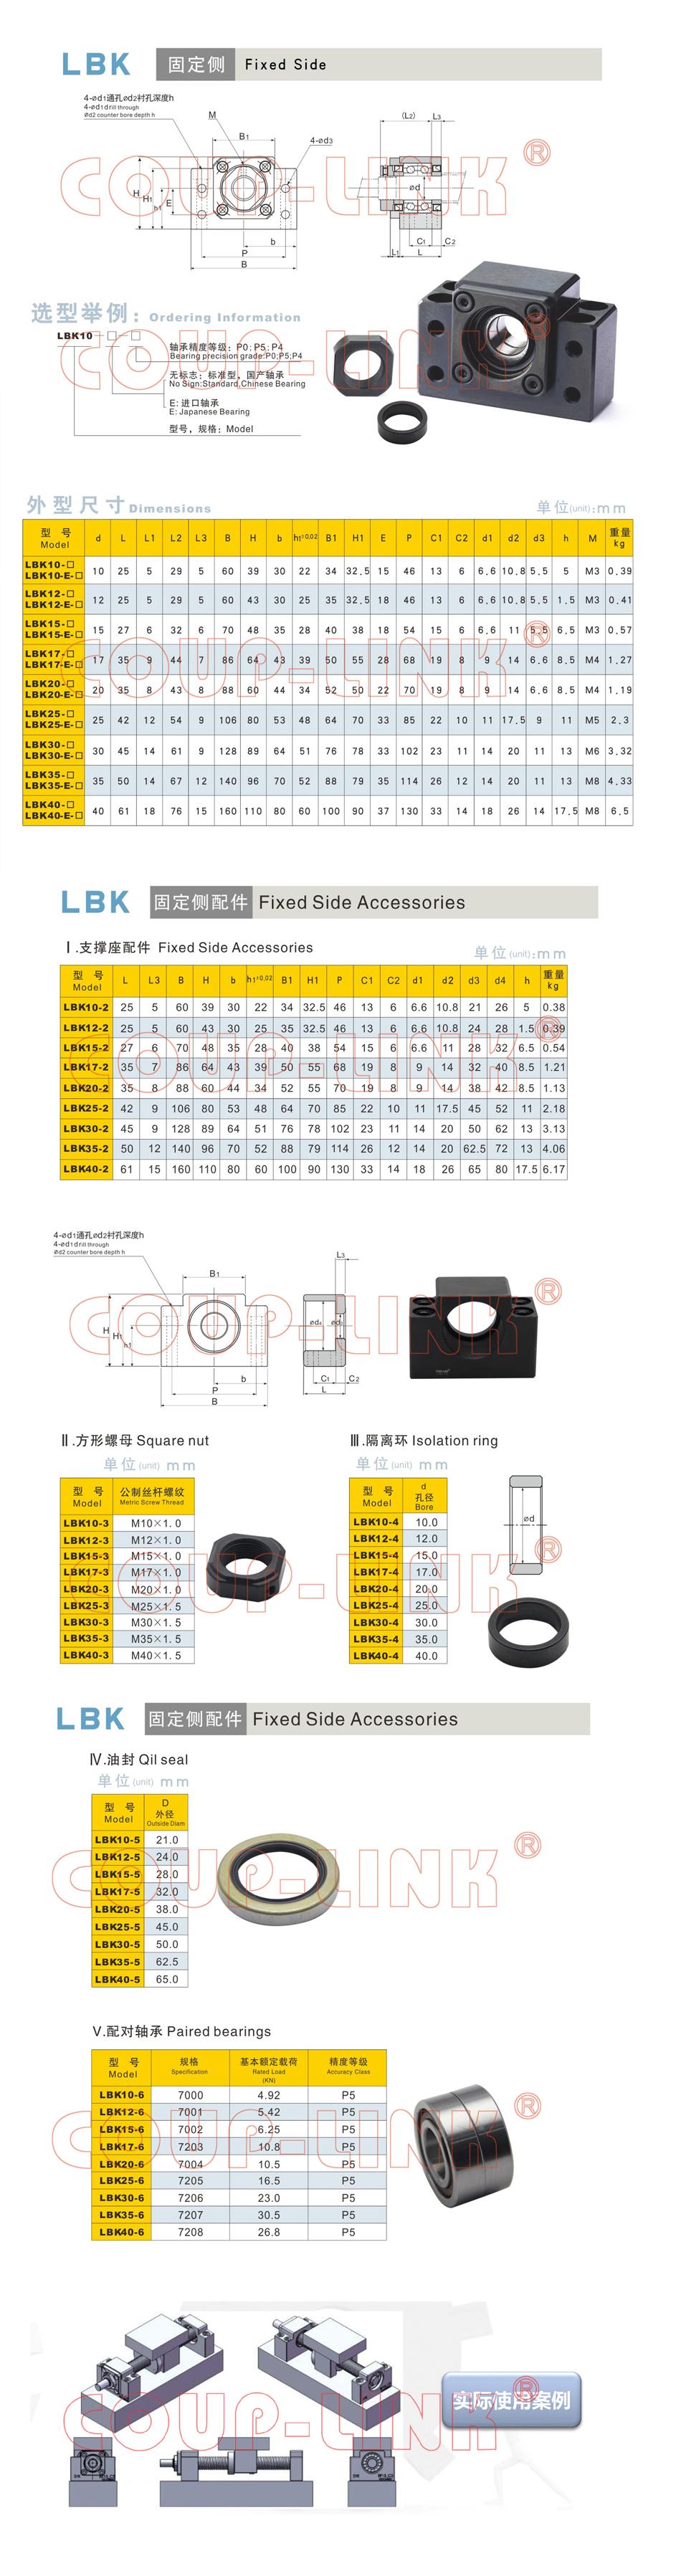 LBK 固定側_老子有钱app種類-廣州老子有钱自動化設備有限公司